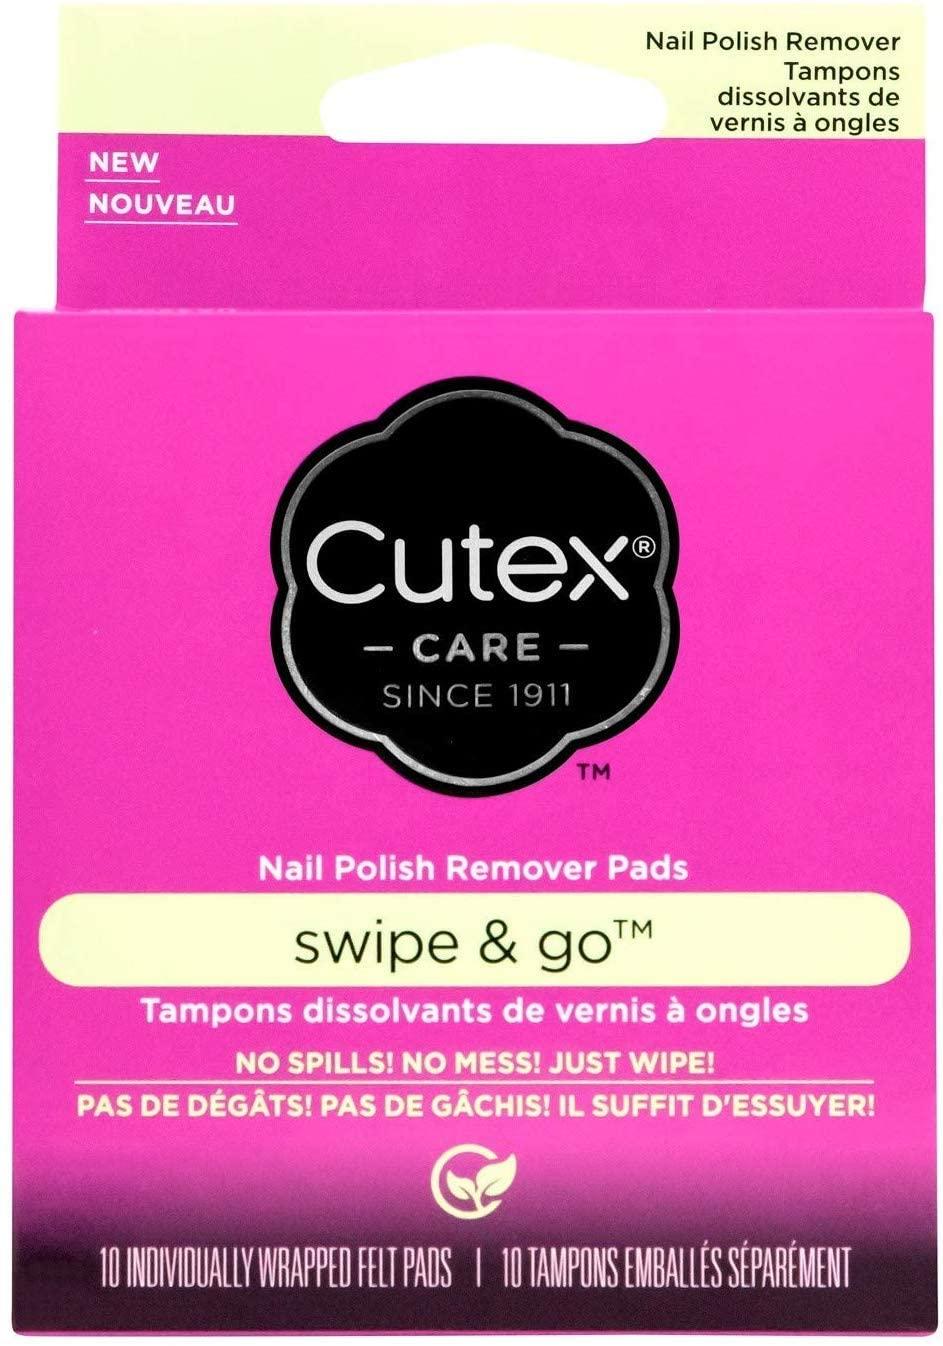 Cutex and Nail